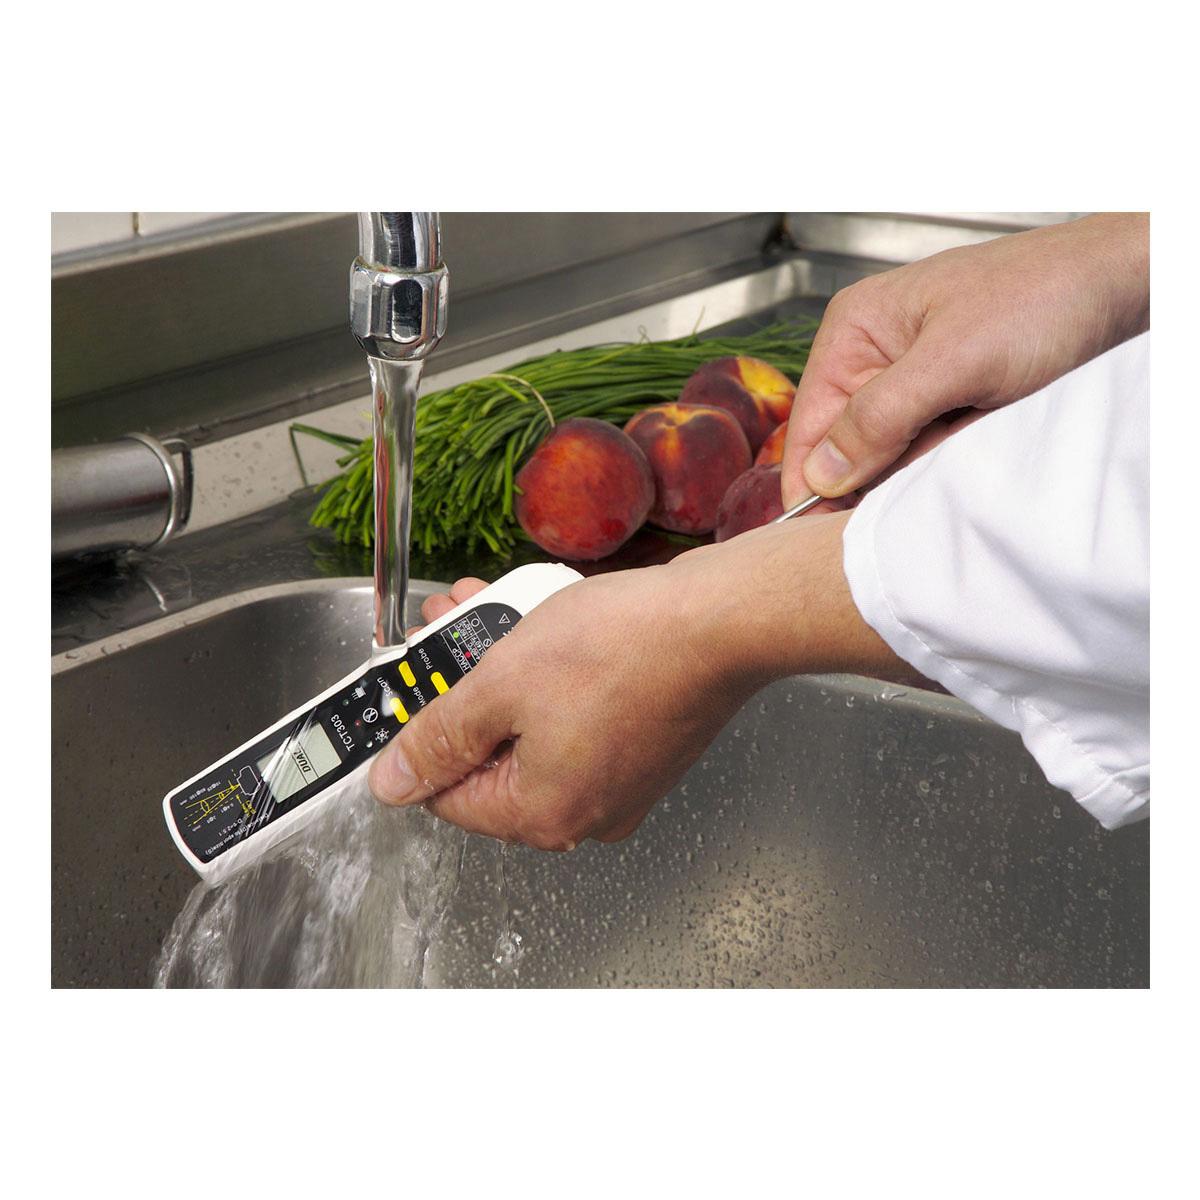 31-1119-k-digitales-einstich-infrarot-thermometer-dualtemp-pro-anwendung-1200x1200px.jpg